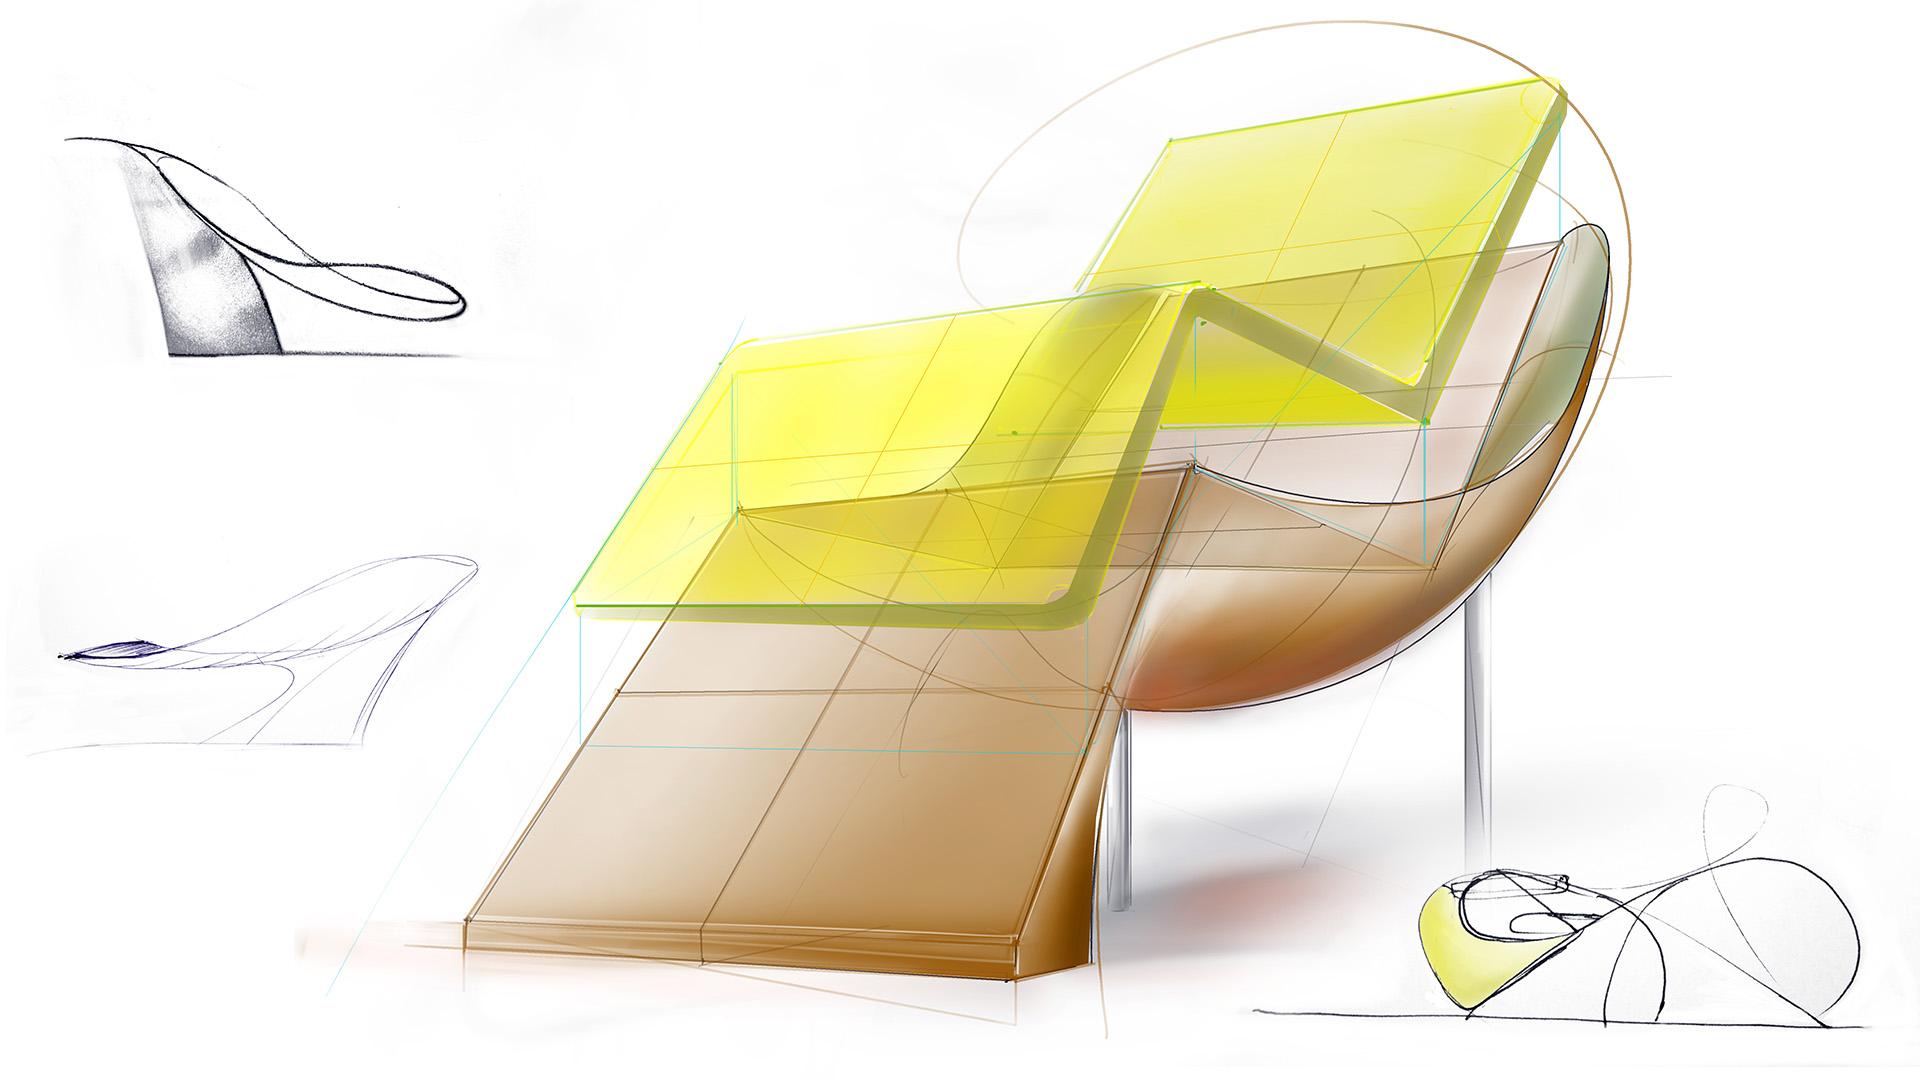 design sketch likedesign